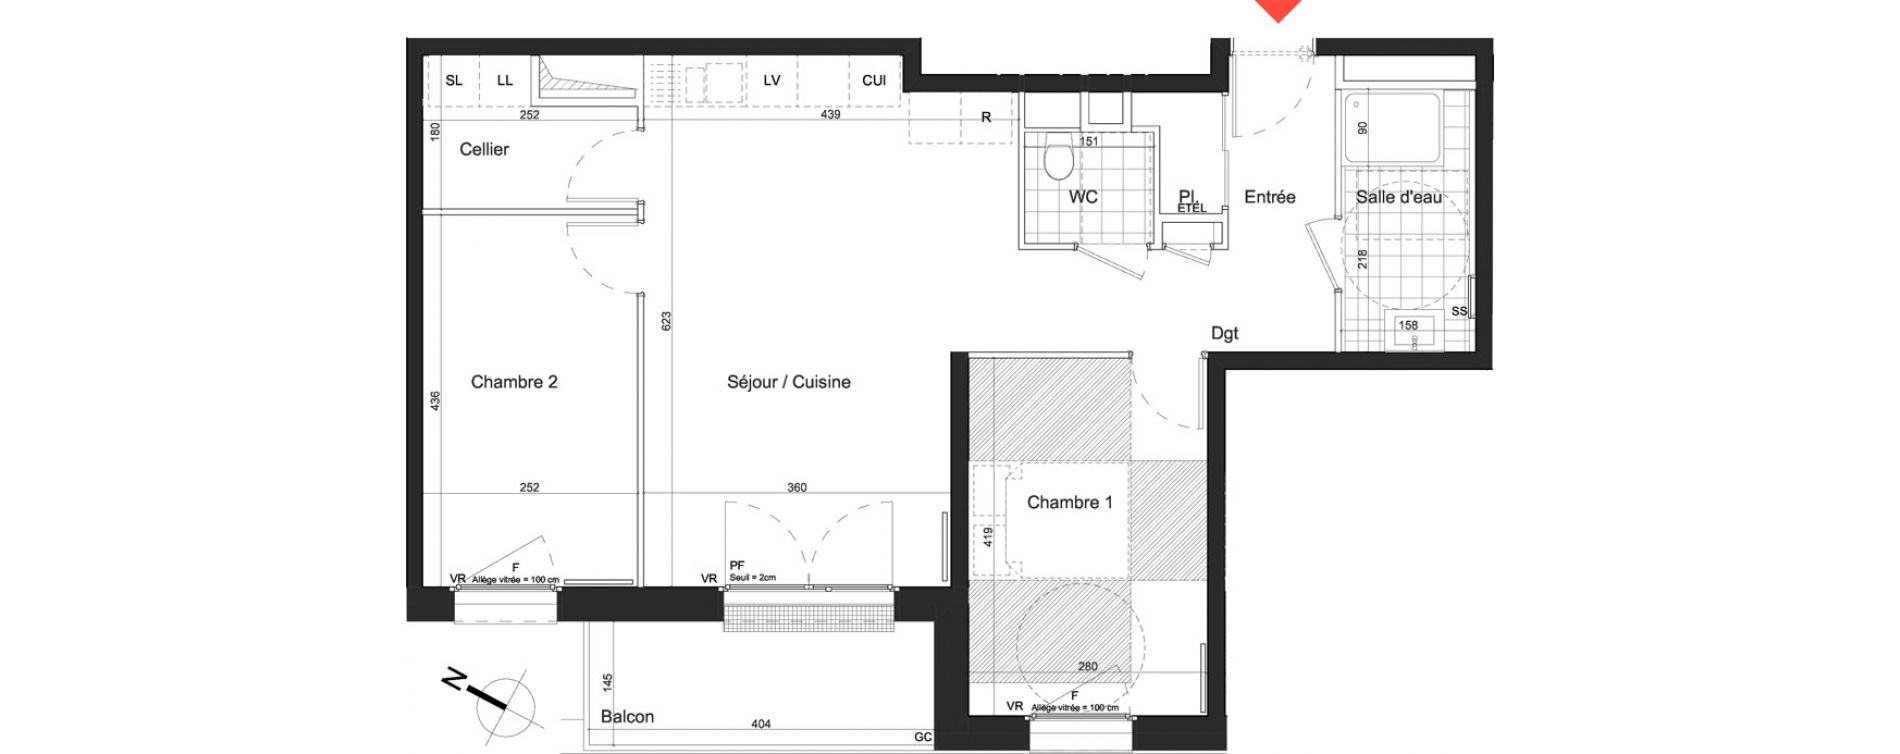 Appartement T3 de 66,64 m2 à Nancy Grand coeur